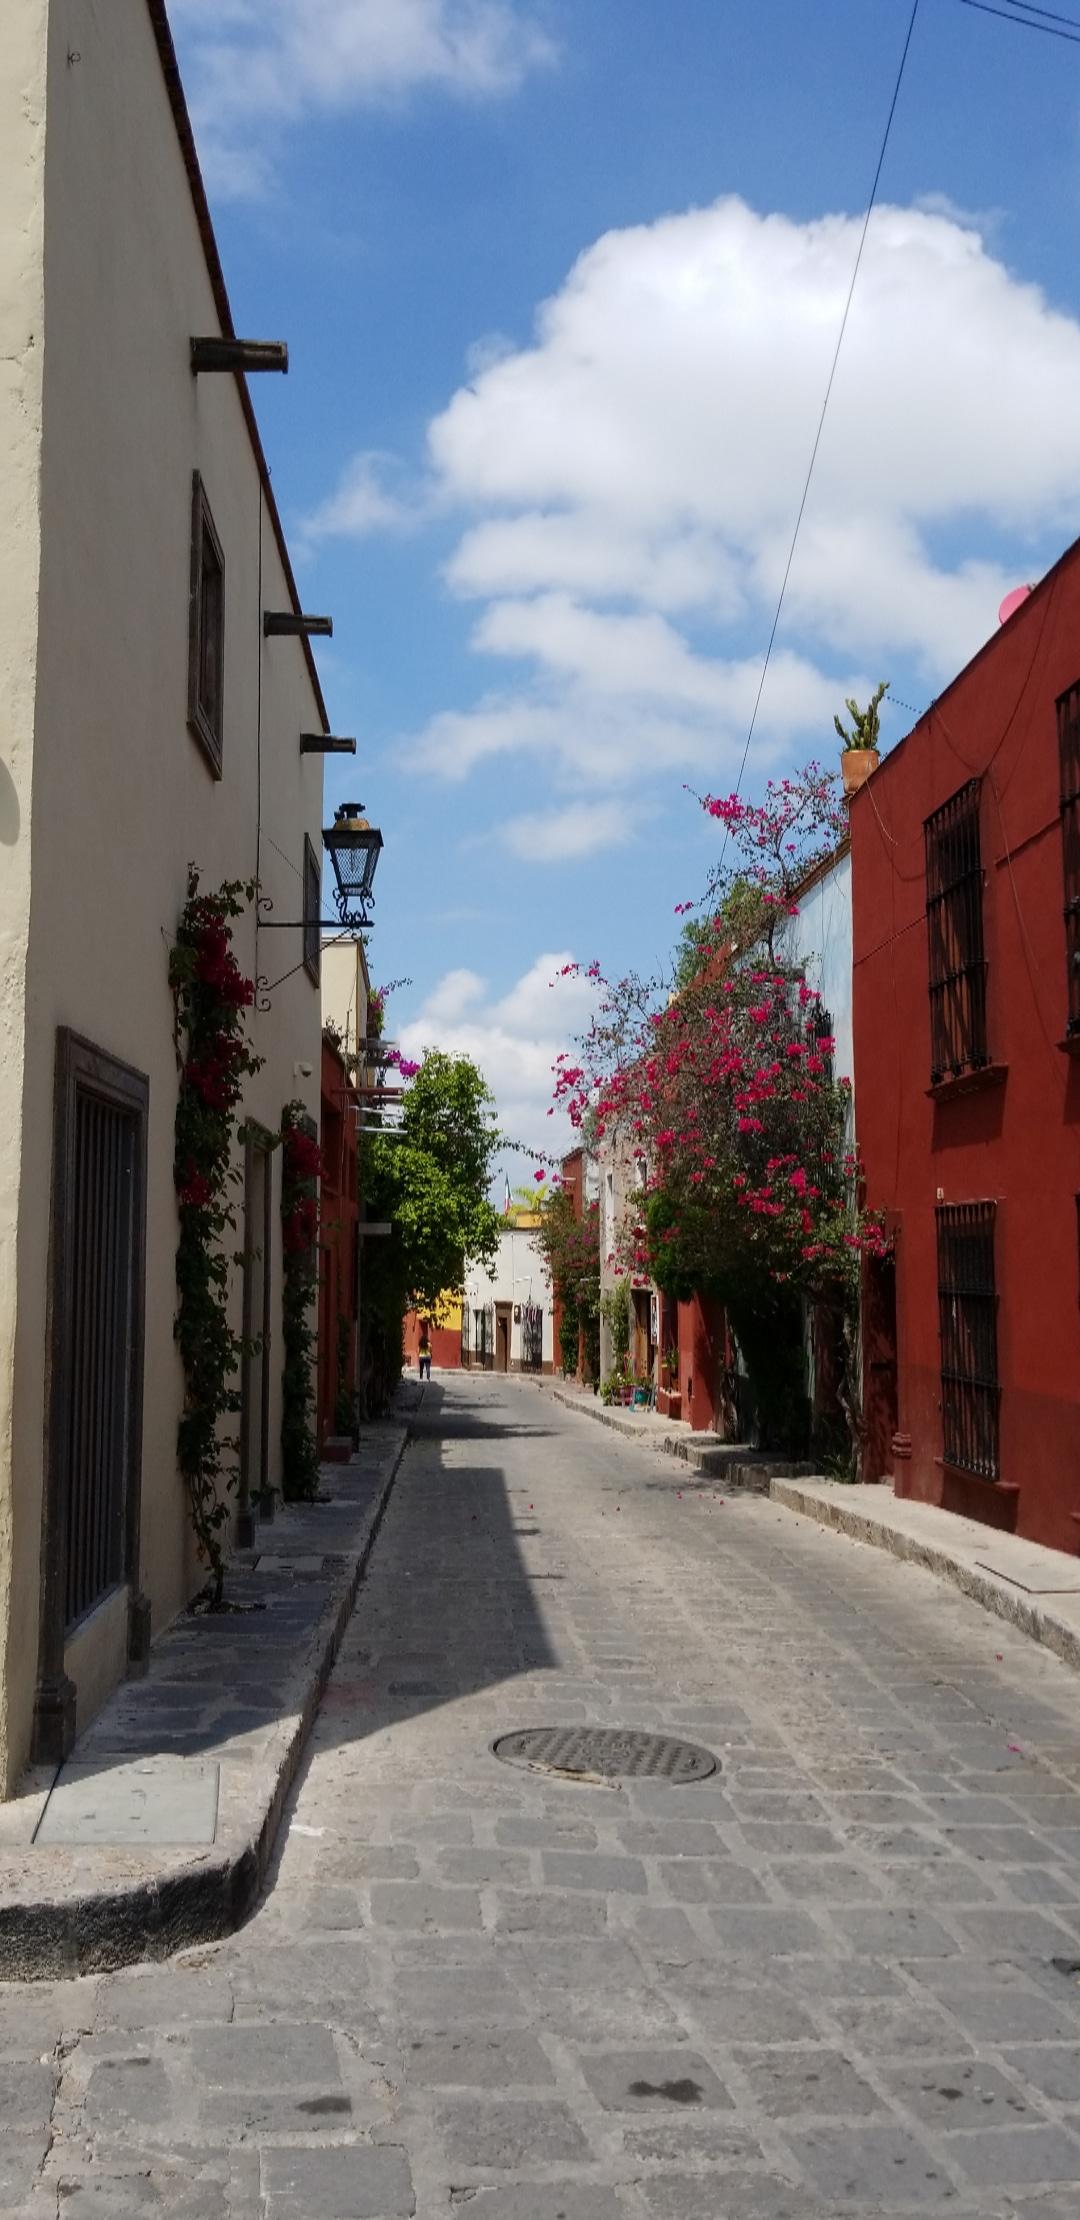 50 shades of color around every corner in San Miguel de Allende.